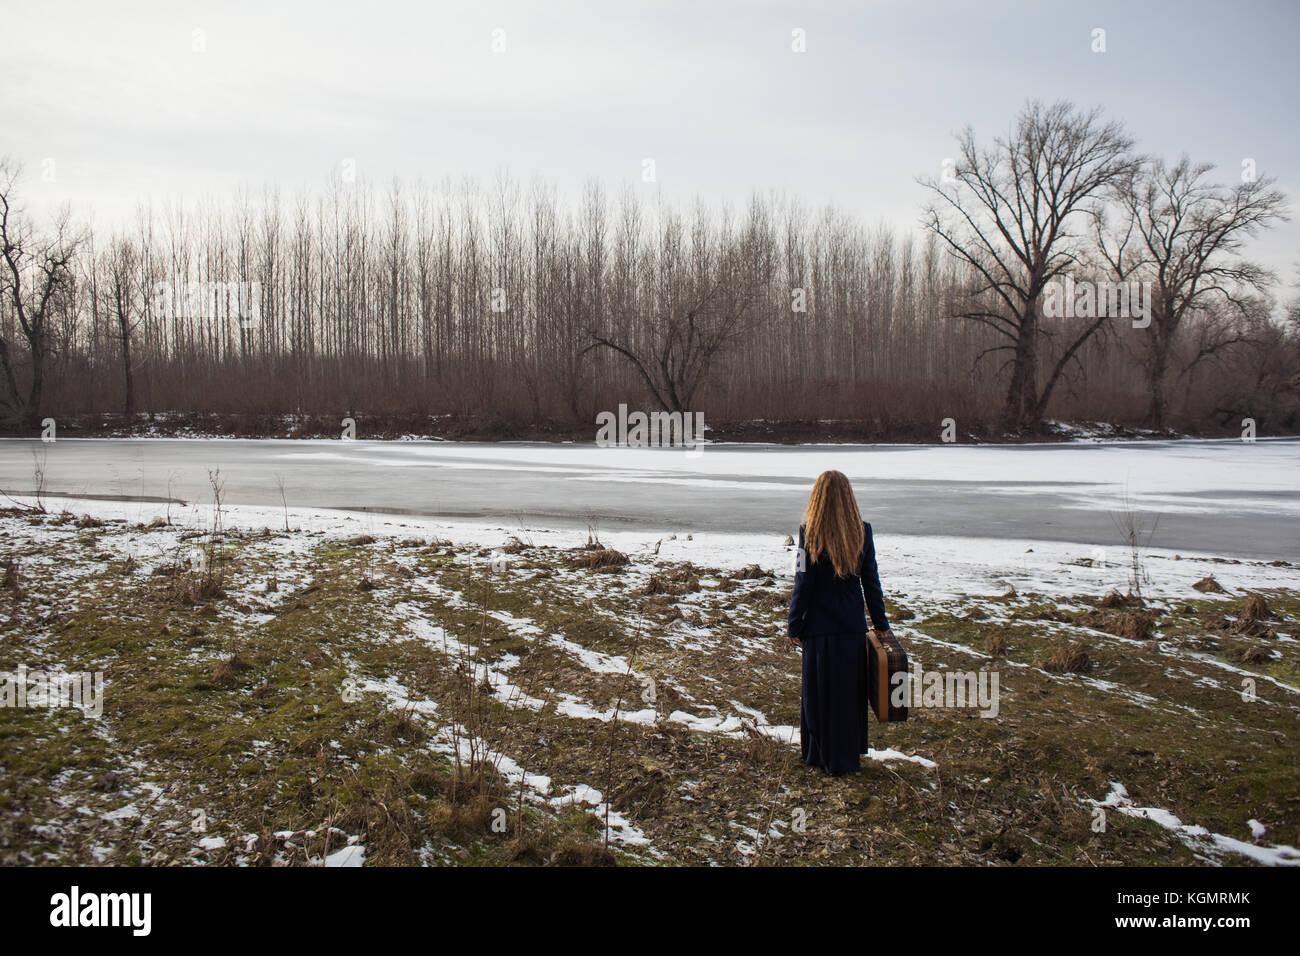 Frau, die in der Nähe des Flusses mit alten Koffer und suchen einen Weg zu gehen Stockbild